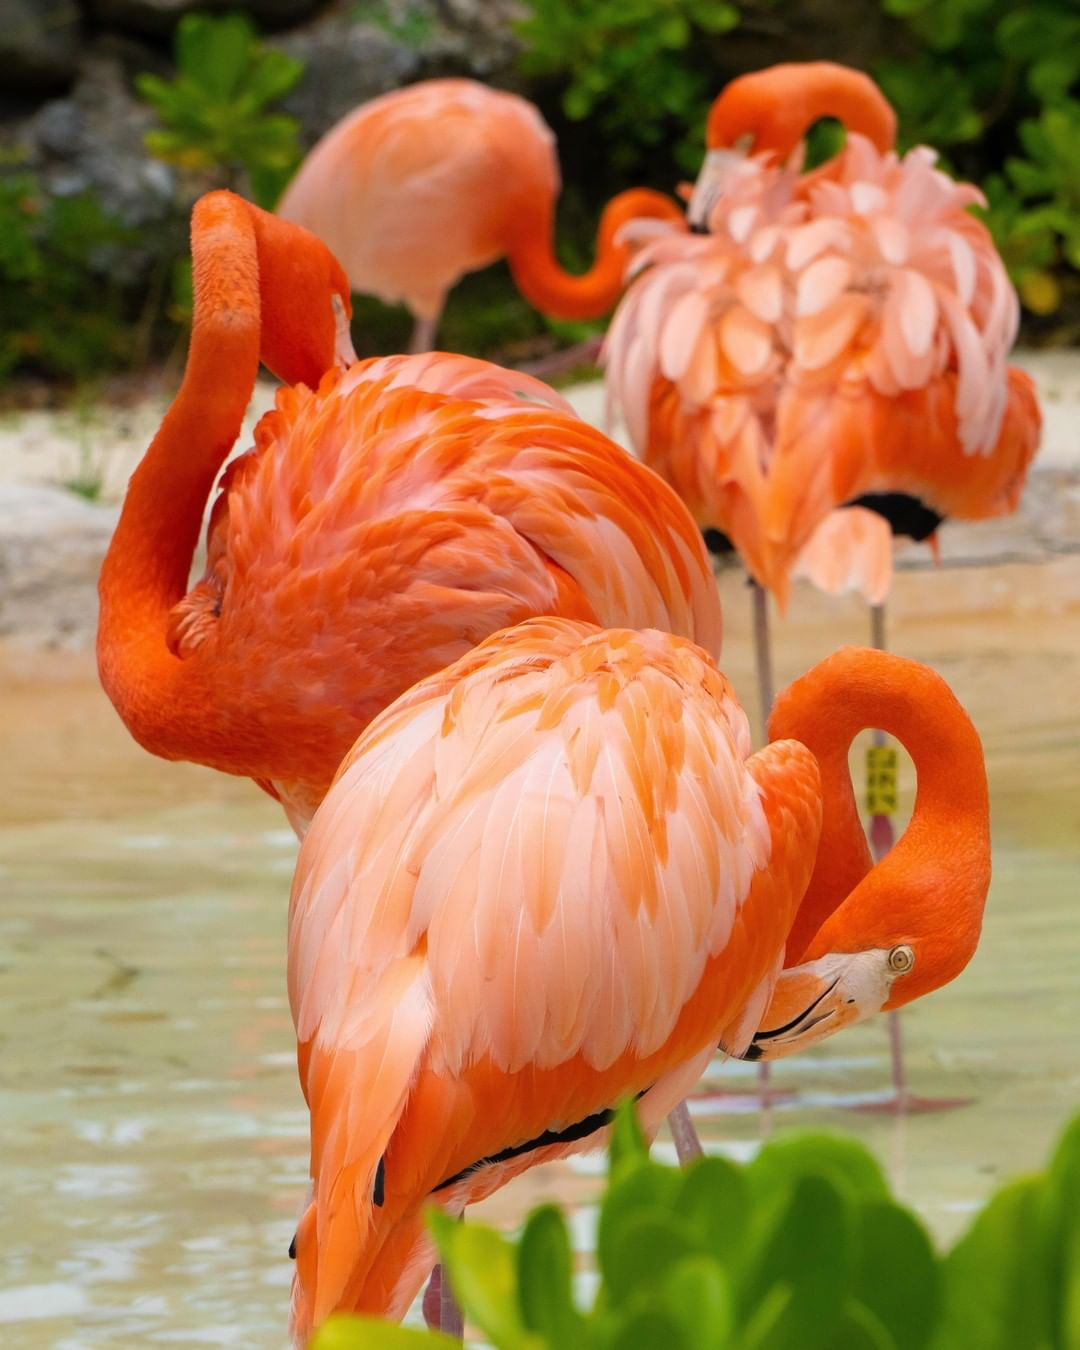 墨西哥坎昆Xcaret西卡莱特公园火烈鸟